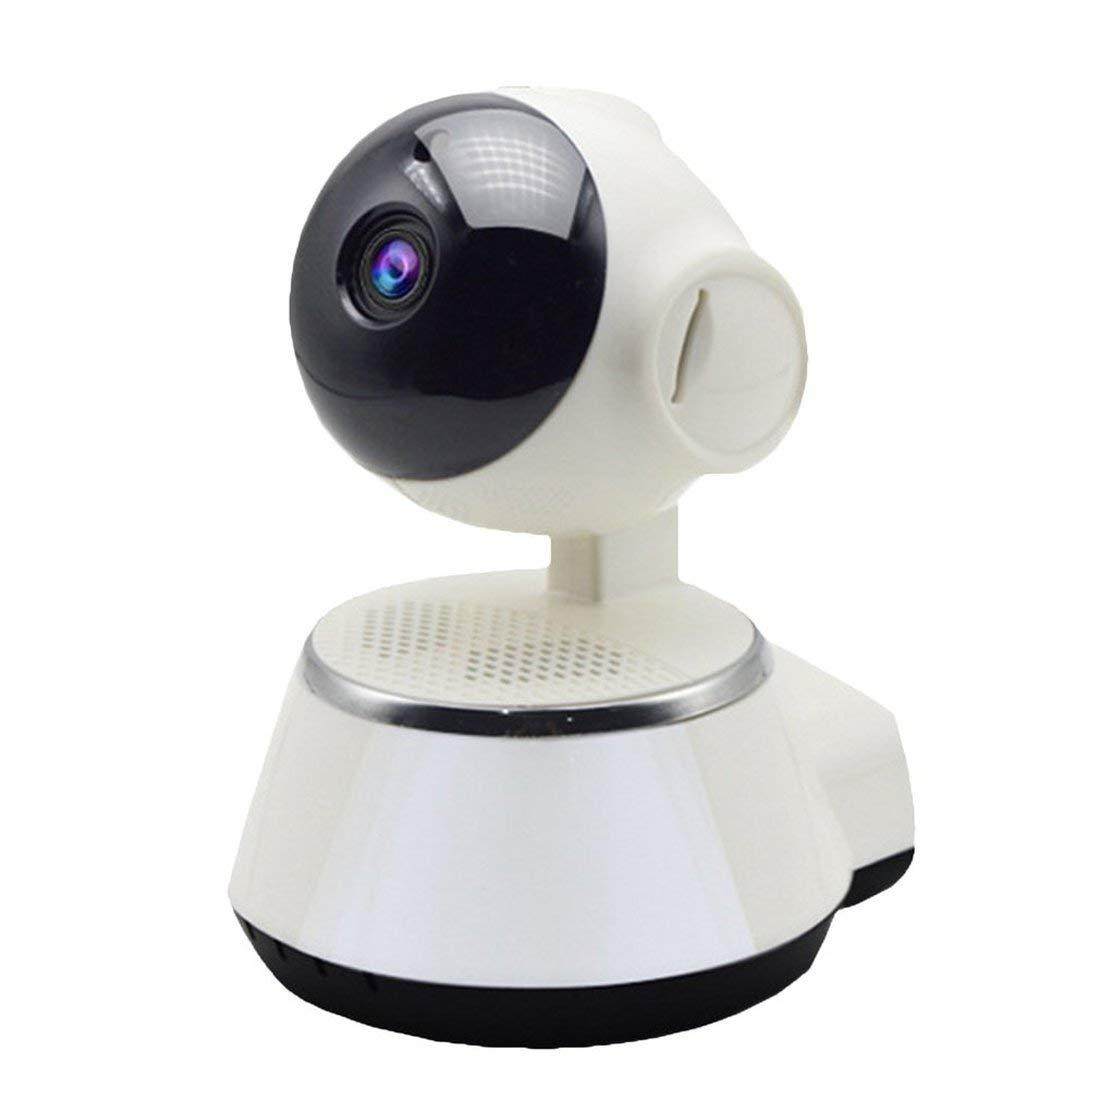 Blanco C/ámara de Vigilancia WiFi HD 1080P Audio C/ámara Bidireccional IR-Cut con Visi/ón Nocturna Infrarrojo Detecci/ón de Movimiento en Forma de Ping/üino